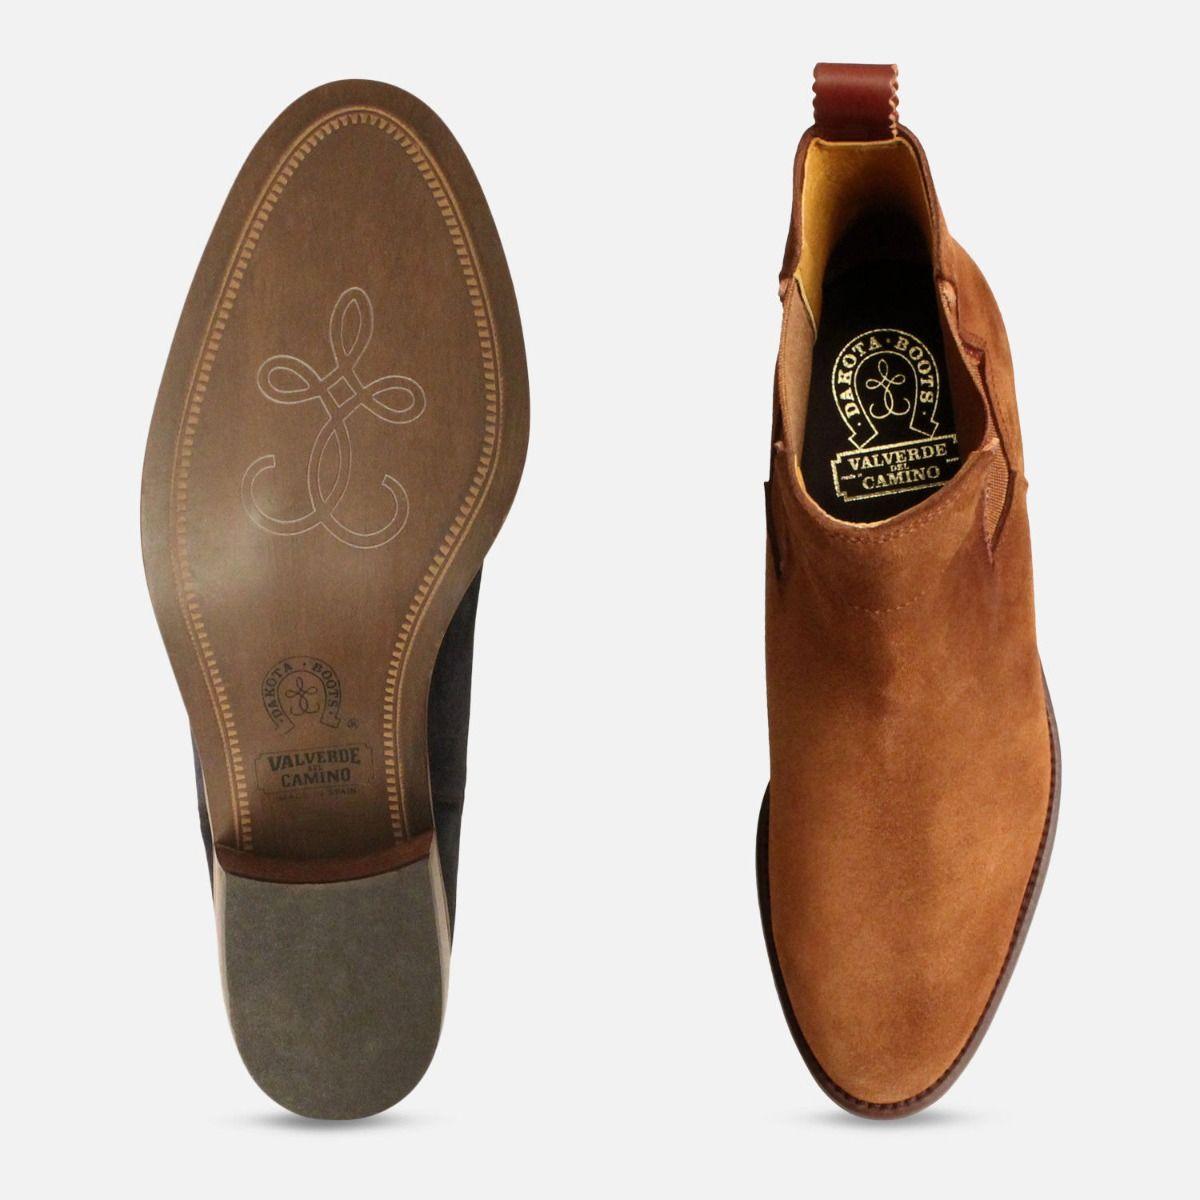 Ladies Cuban Heel Chelsea Boots in Tan